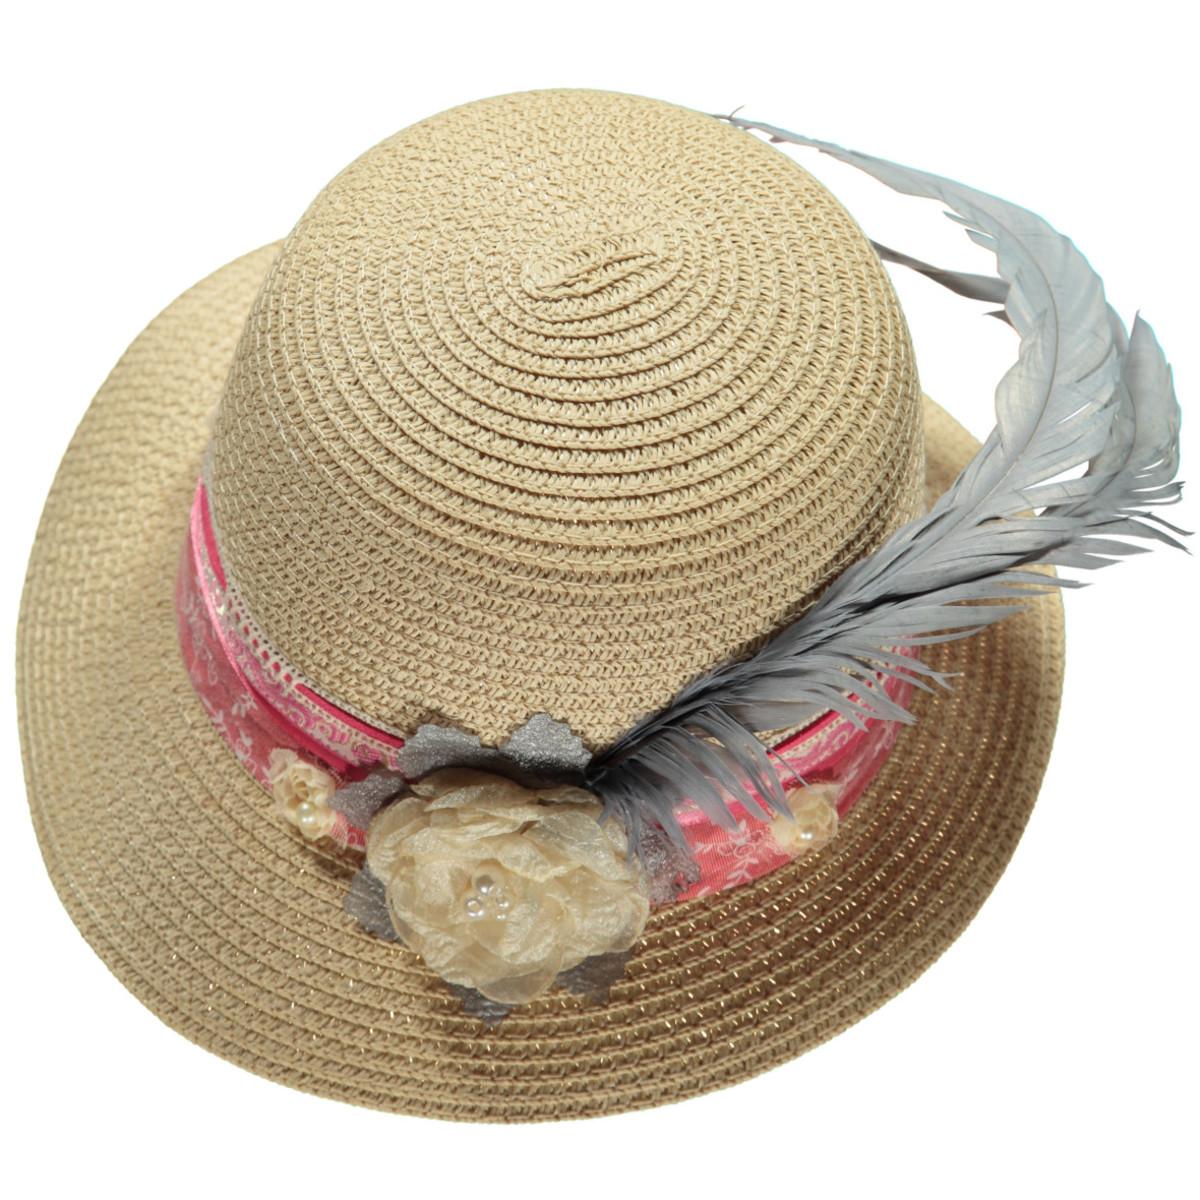 Bild 1 von Damen Trachtenhut mit Deko Details